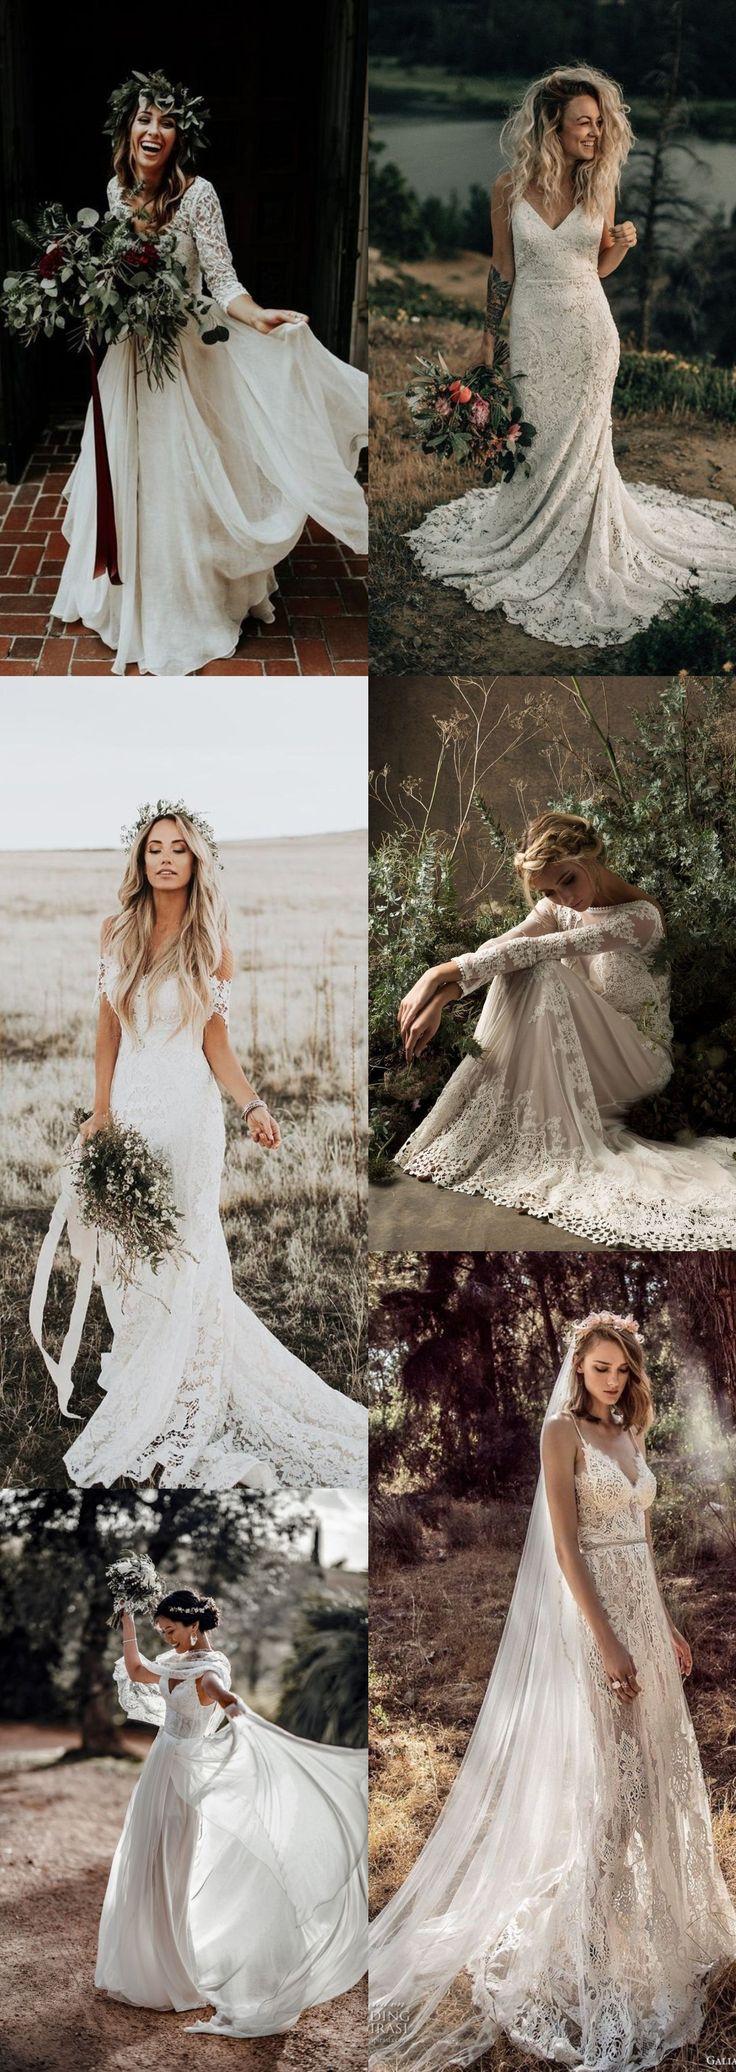 Ein Boho-Brautkleid ist eine wunderschöne und schicke Option für die Braut, die …   – Adrain wedding